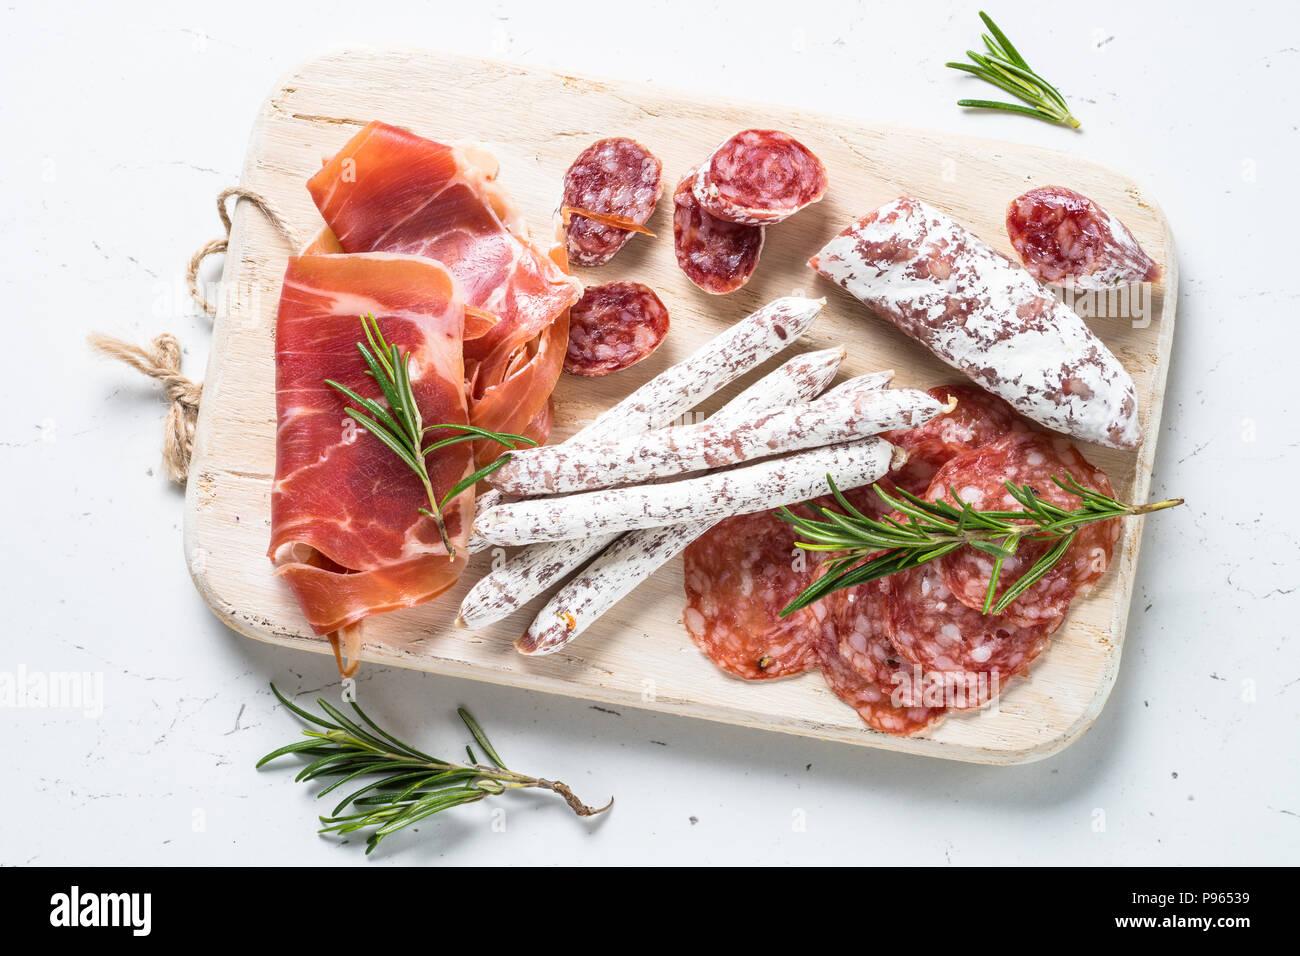 Antipasti. Traditionelle italienische Antipasti, geschnittenes Fleisch, Vorspeisen auf Holz Schneidebrett auf weißem Tabelle, Ansicht von oben. Stockbild